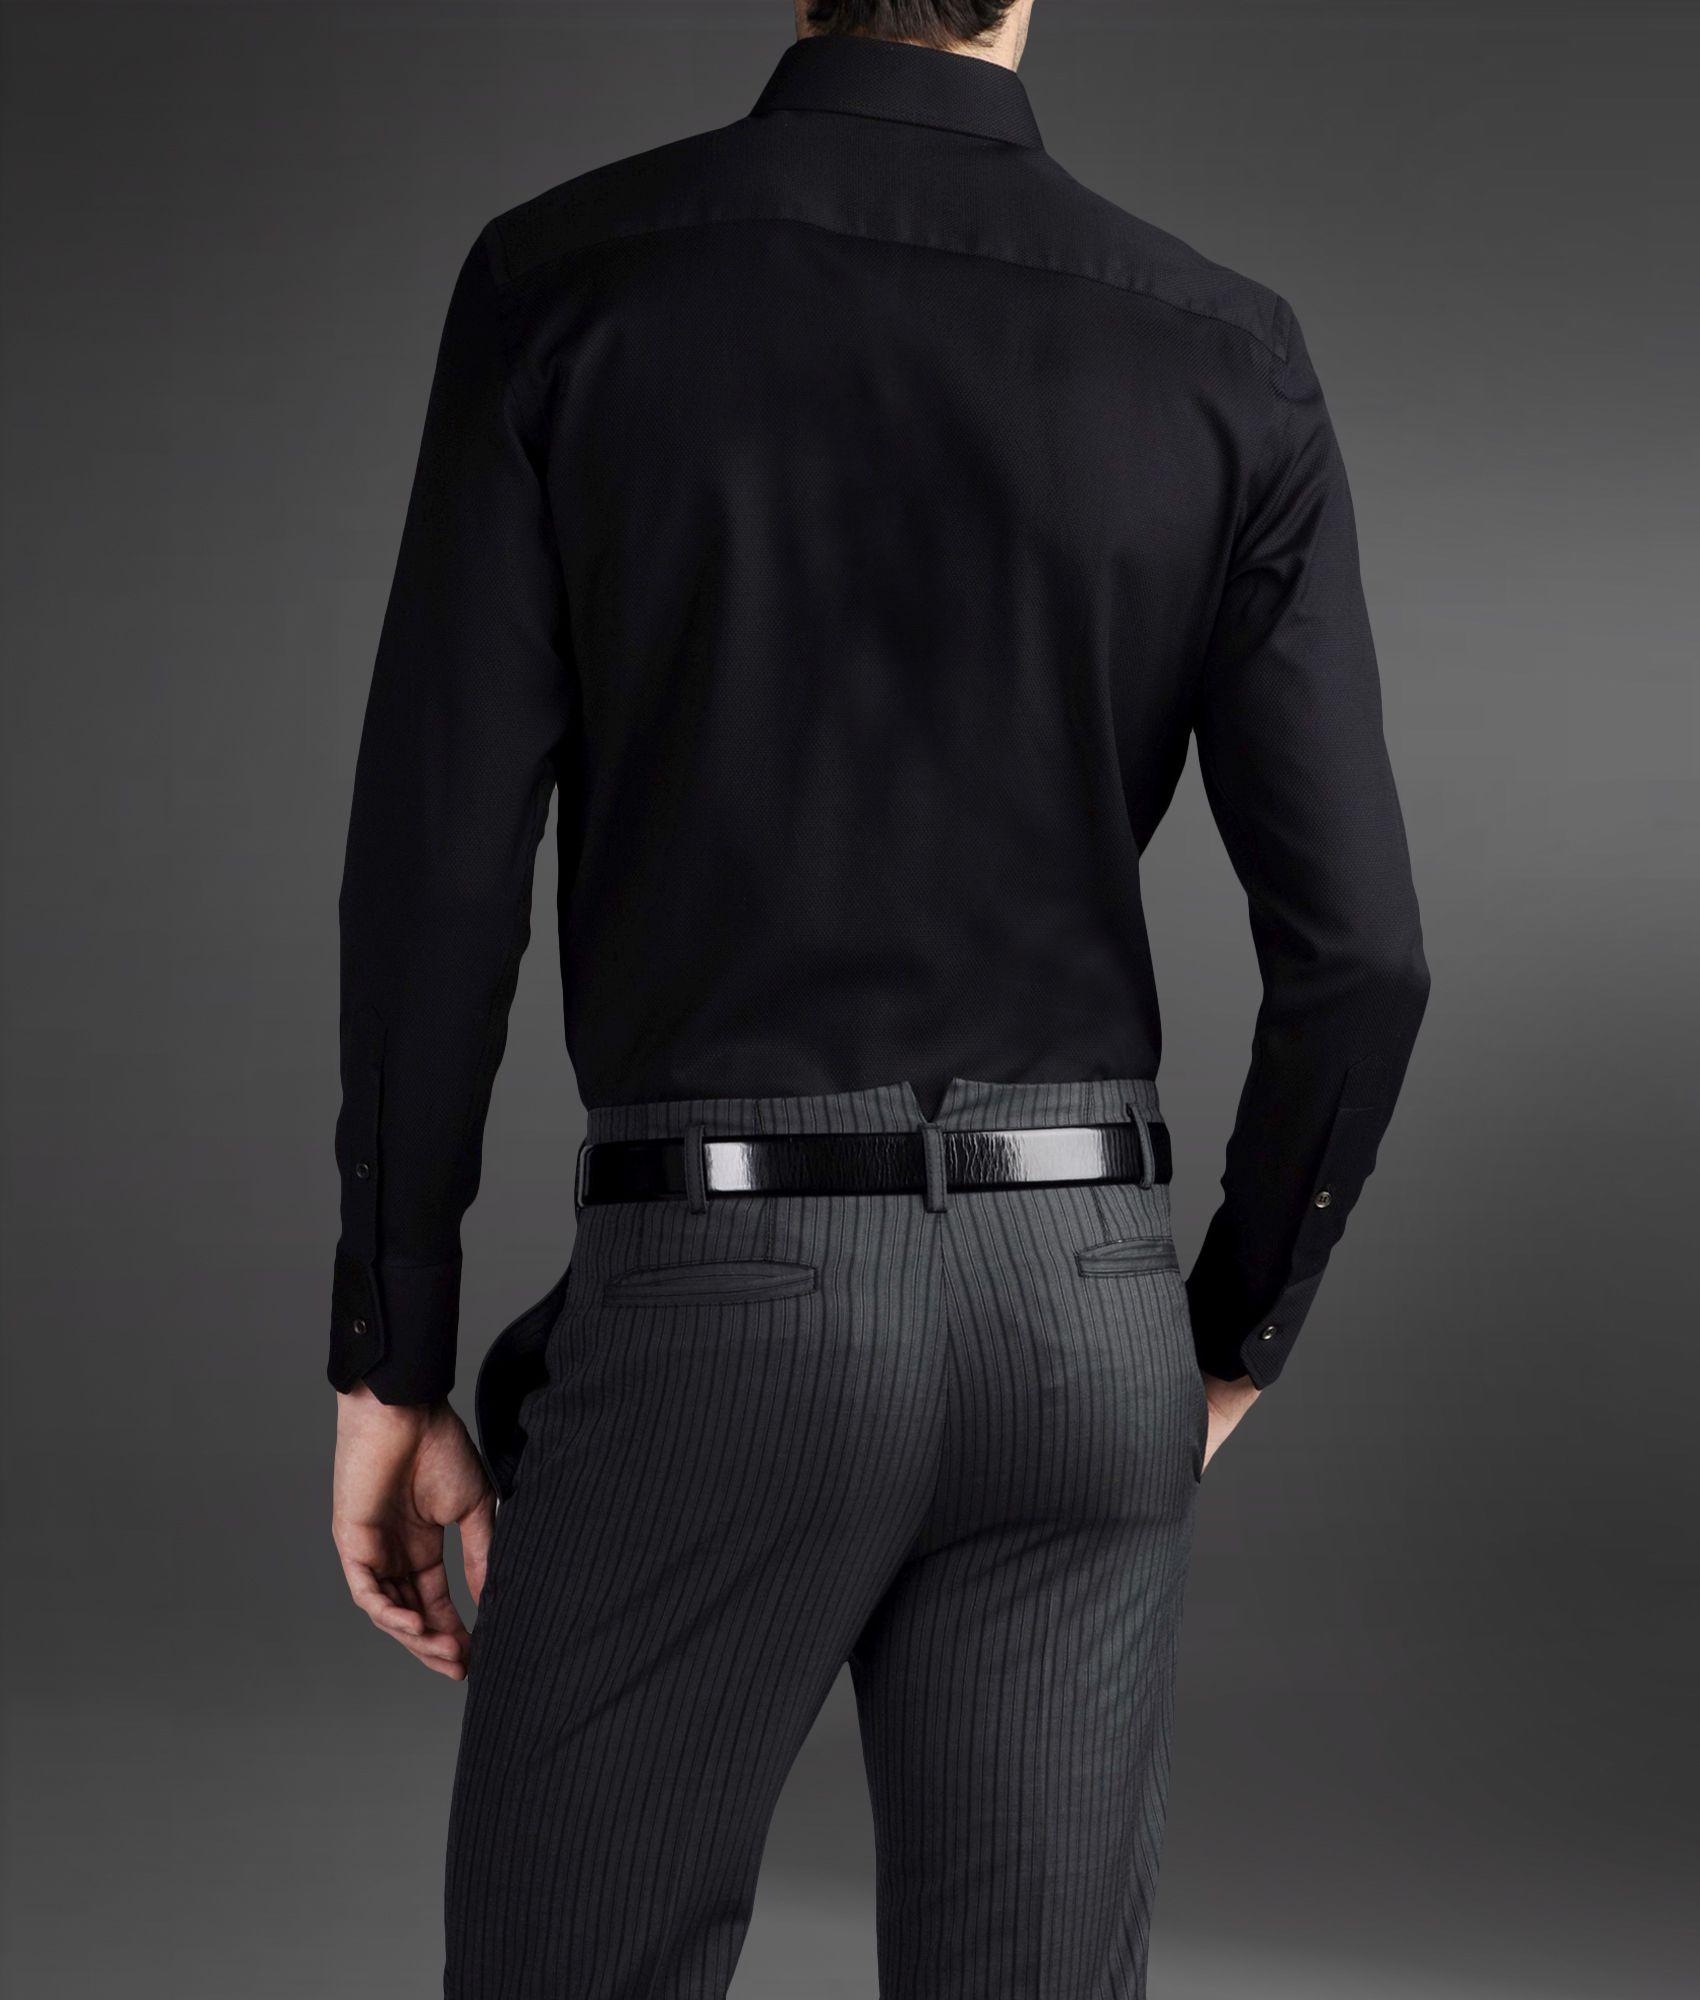 e01e45a6cff Armani Shirt Black Long Sleeve